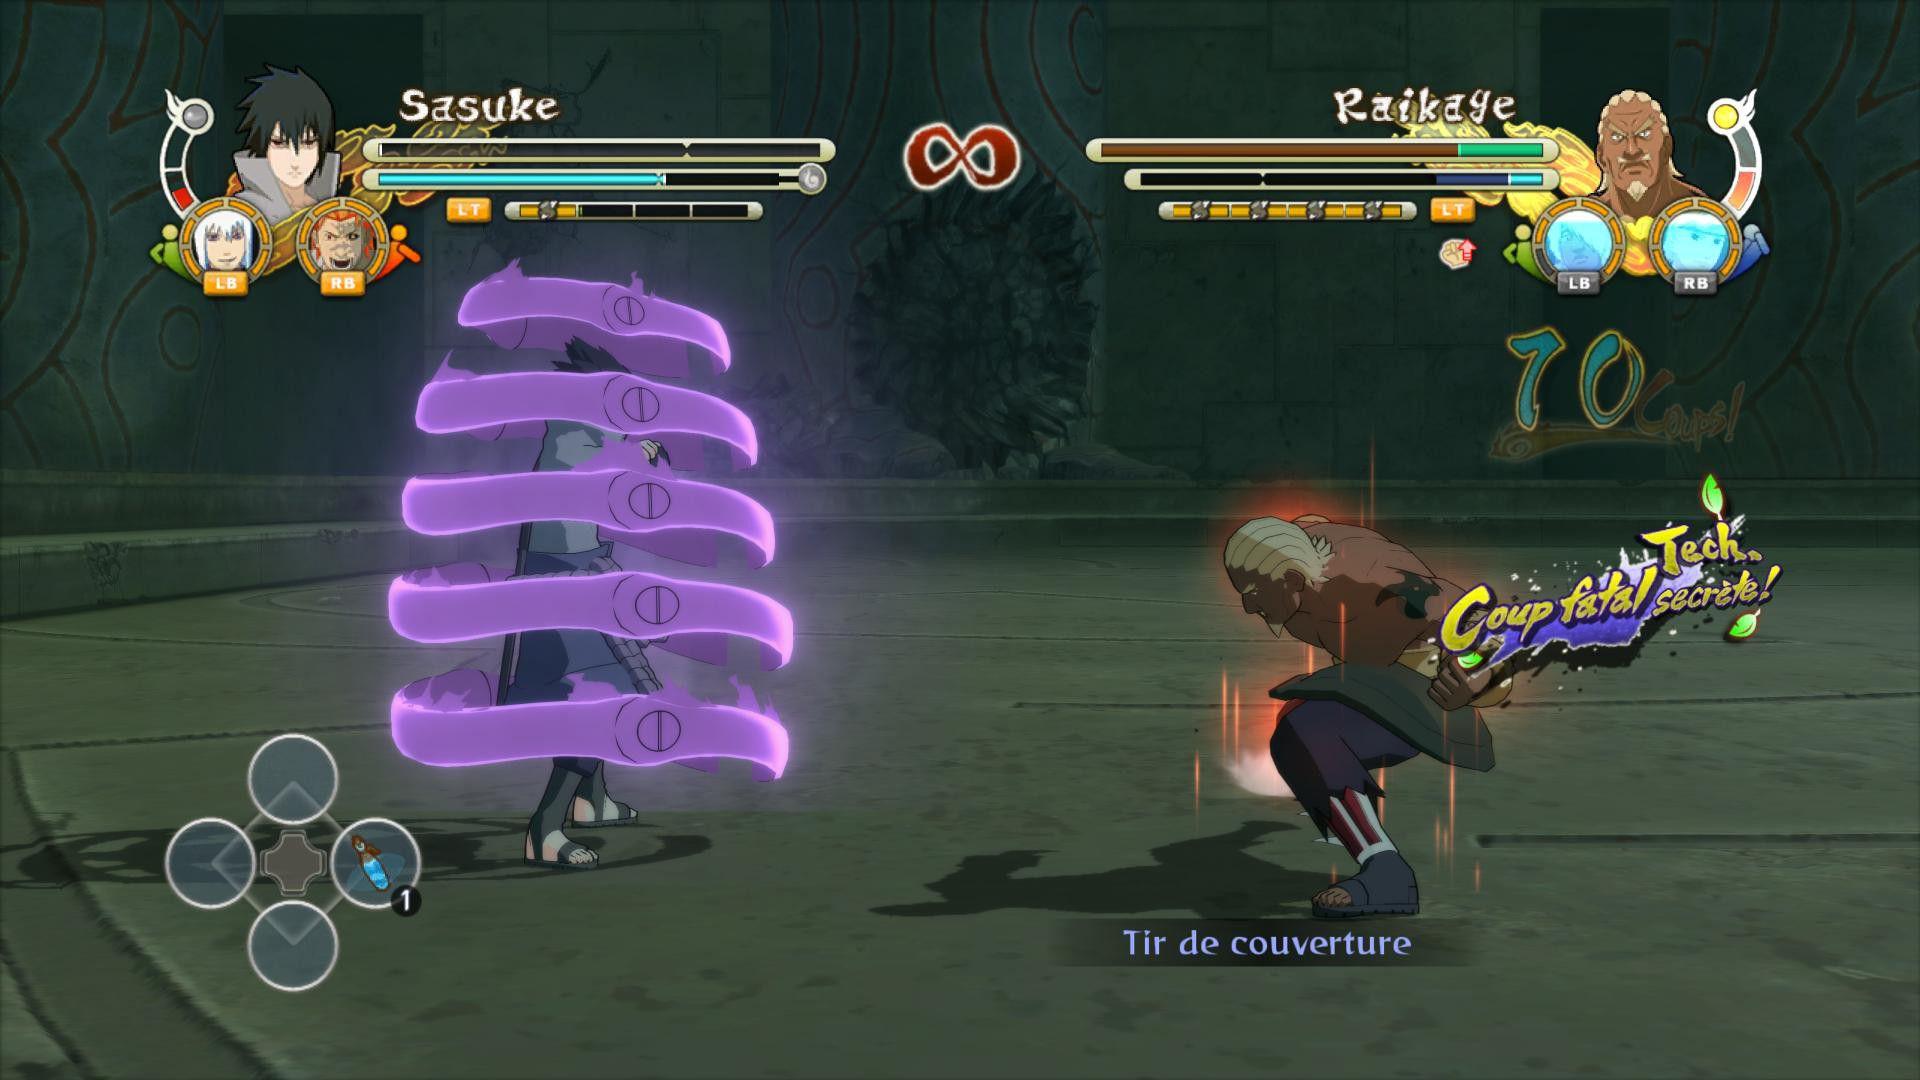 naruto-shippuden-ultimate-ninja-storm-3-full-burst-ps3-b-2